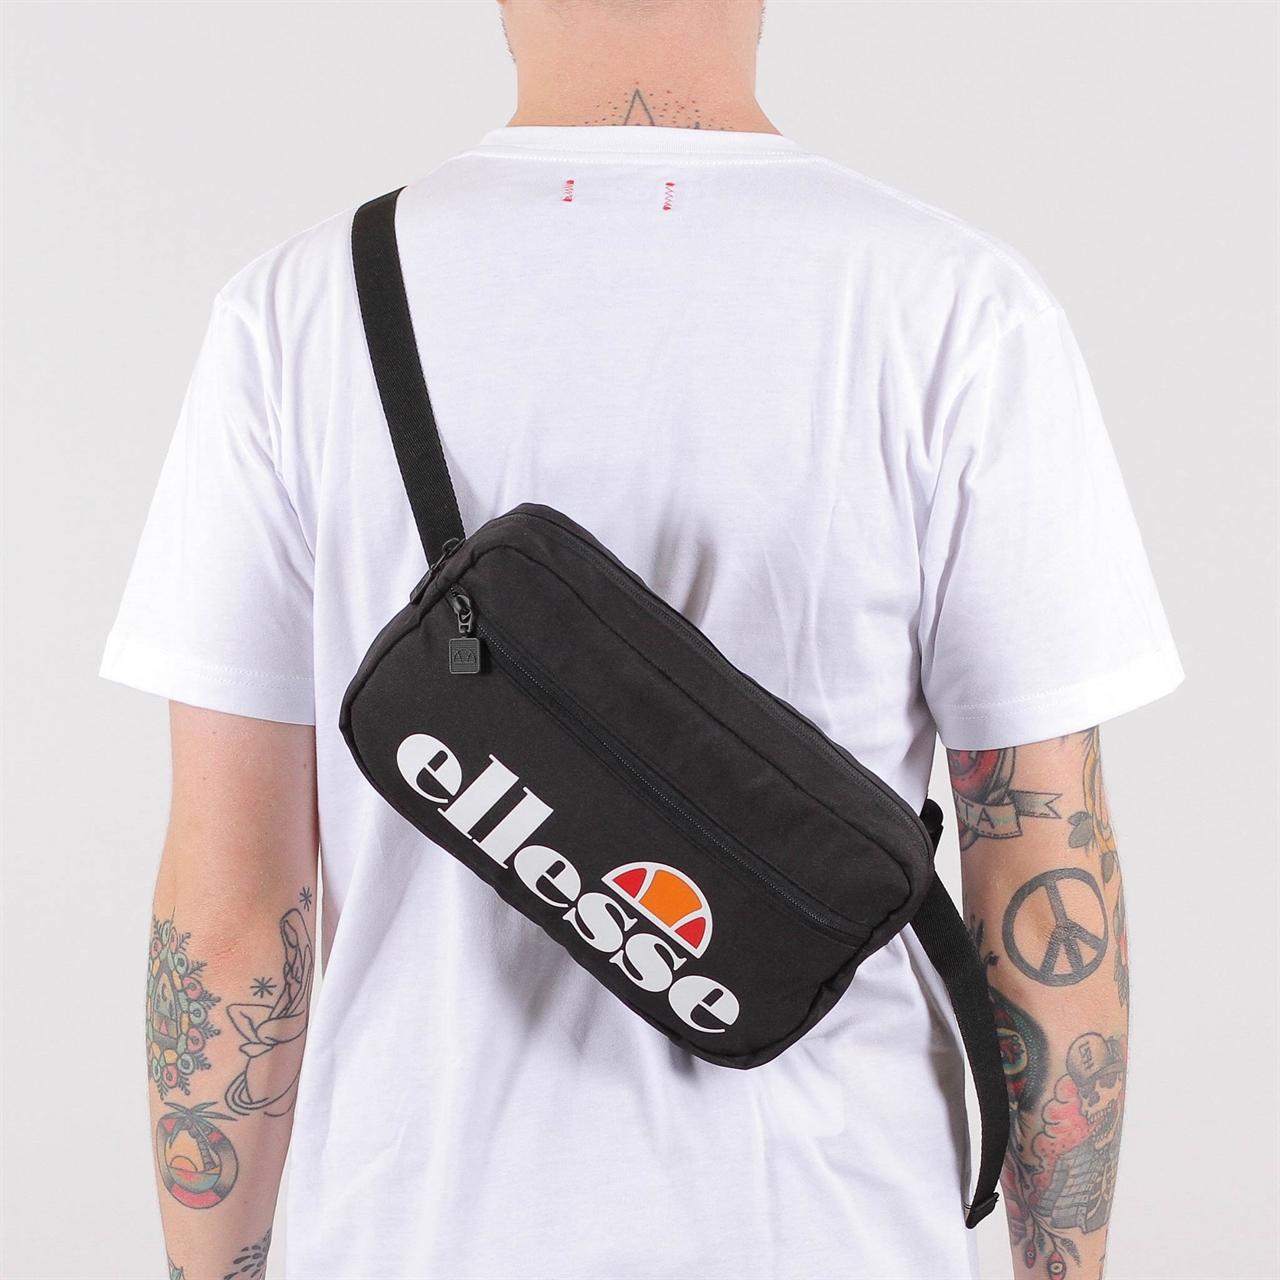 Shelta - Ellesse Elka Cross Body Bag (SAAY0729-BLK) f6626574bc89a